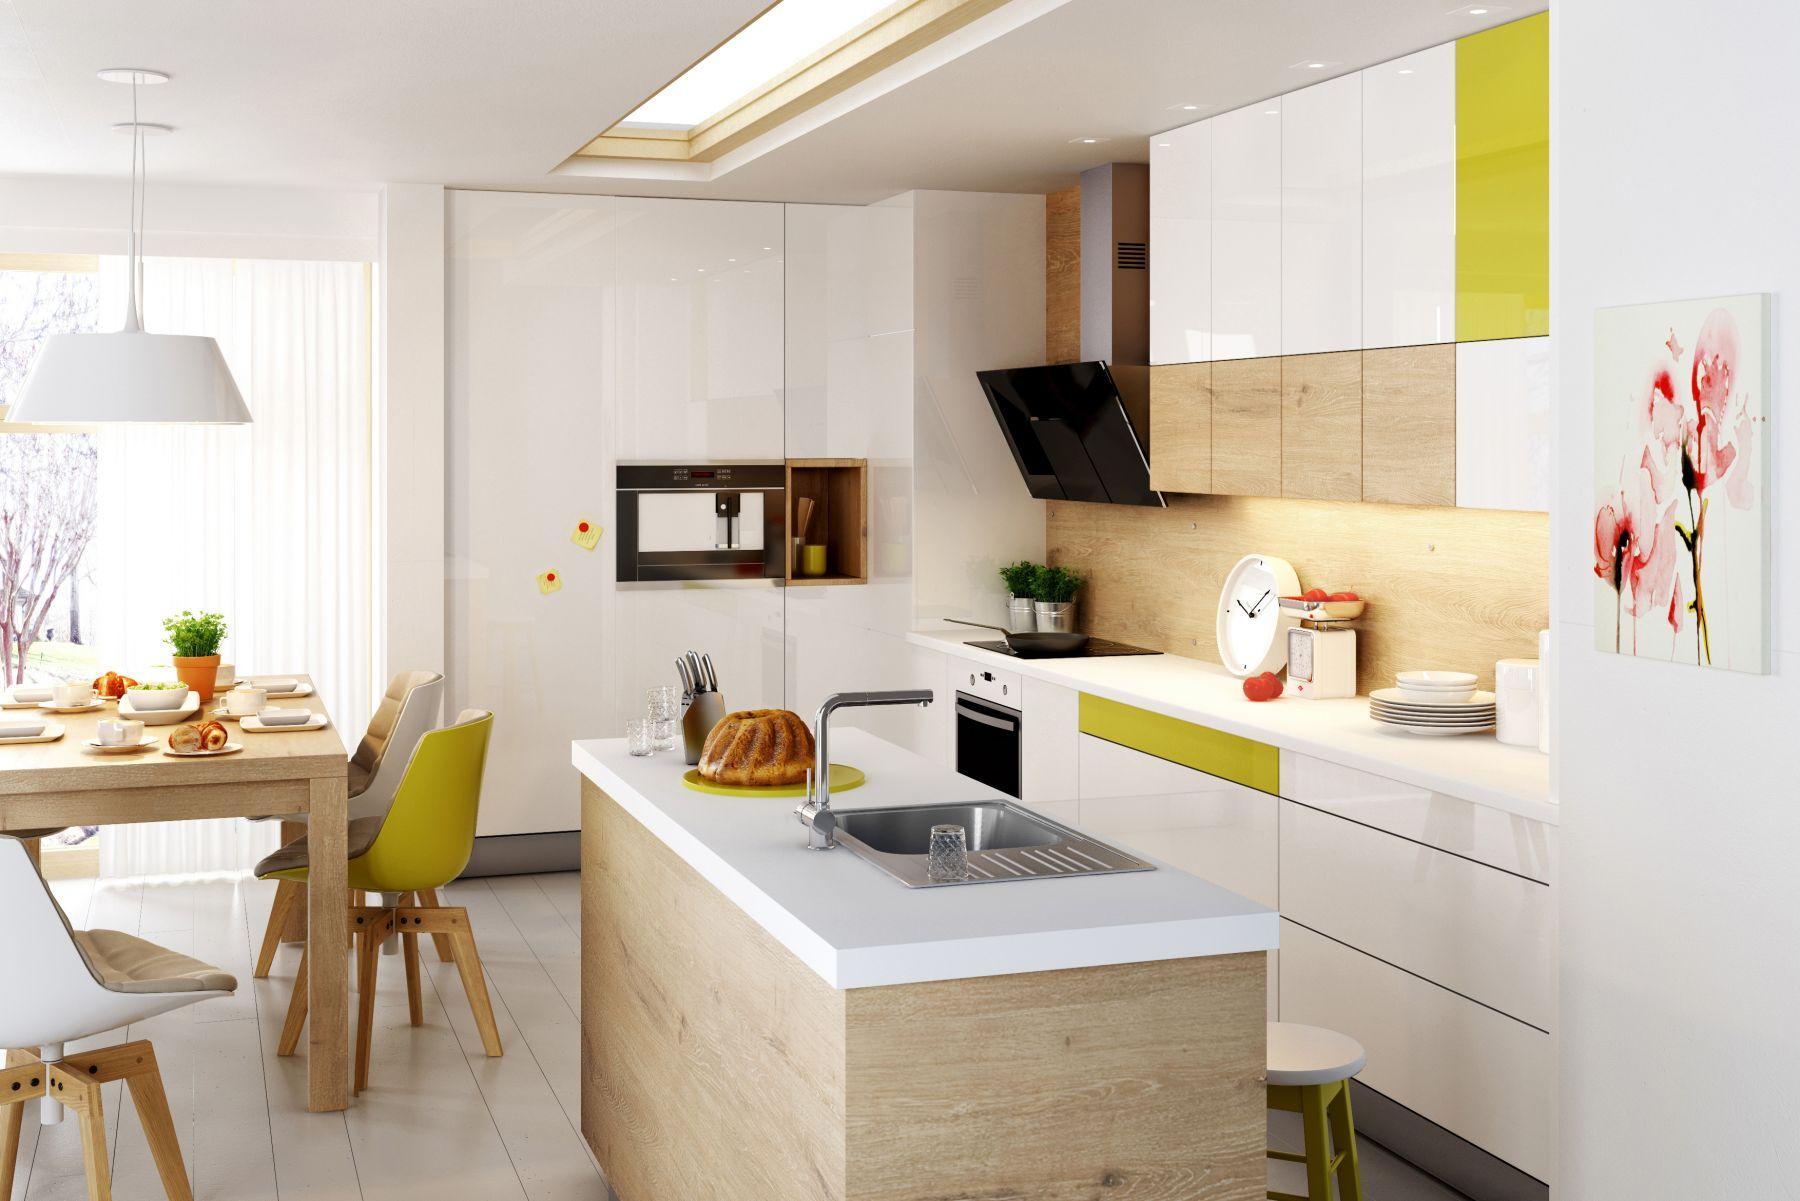 Jak urządzić salon z aneksem kuchennym?  Lazienkaplus pl -> Kuchnia Z Salonem Jak Urządzić